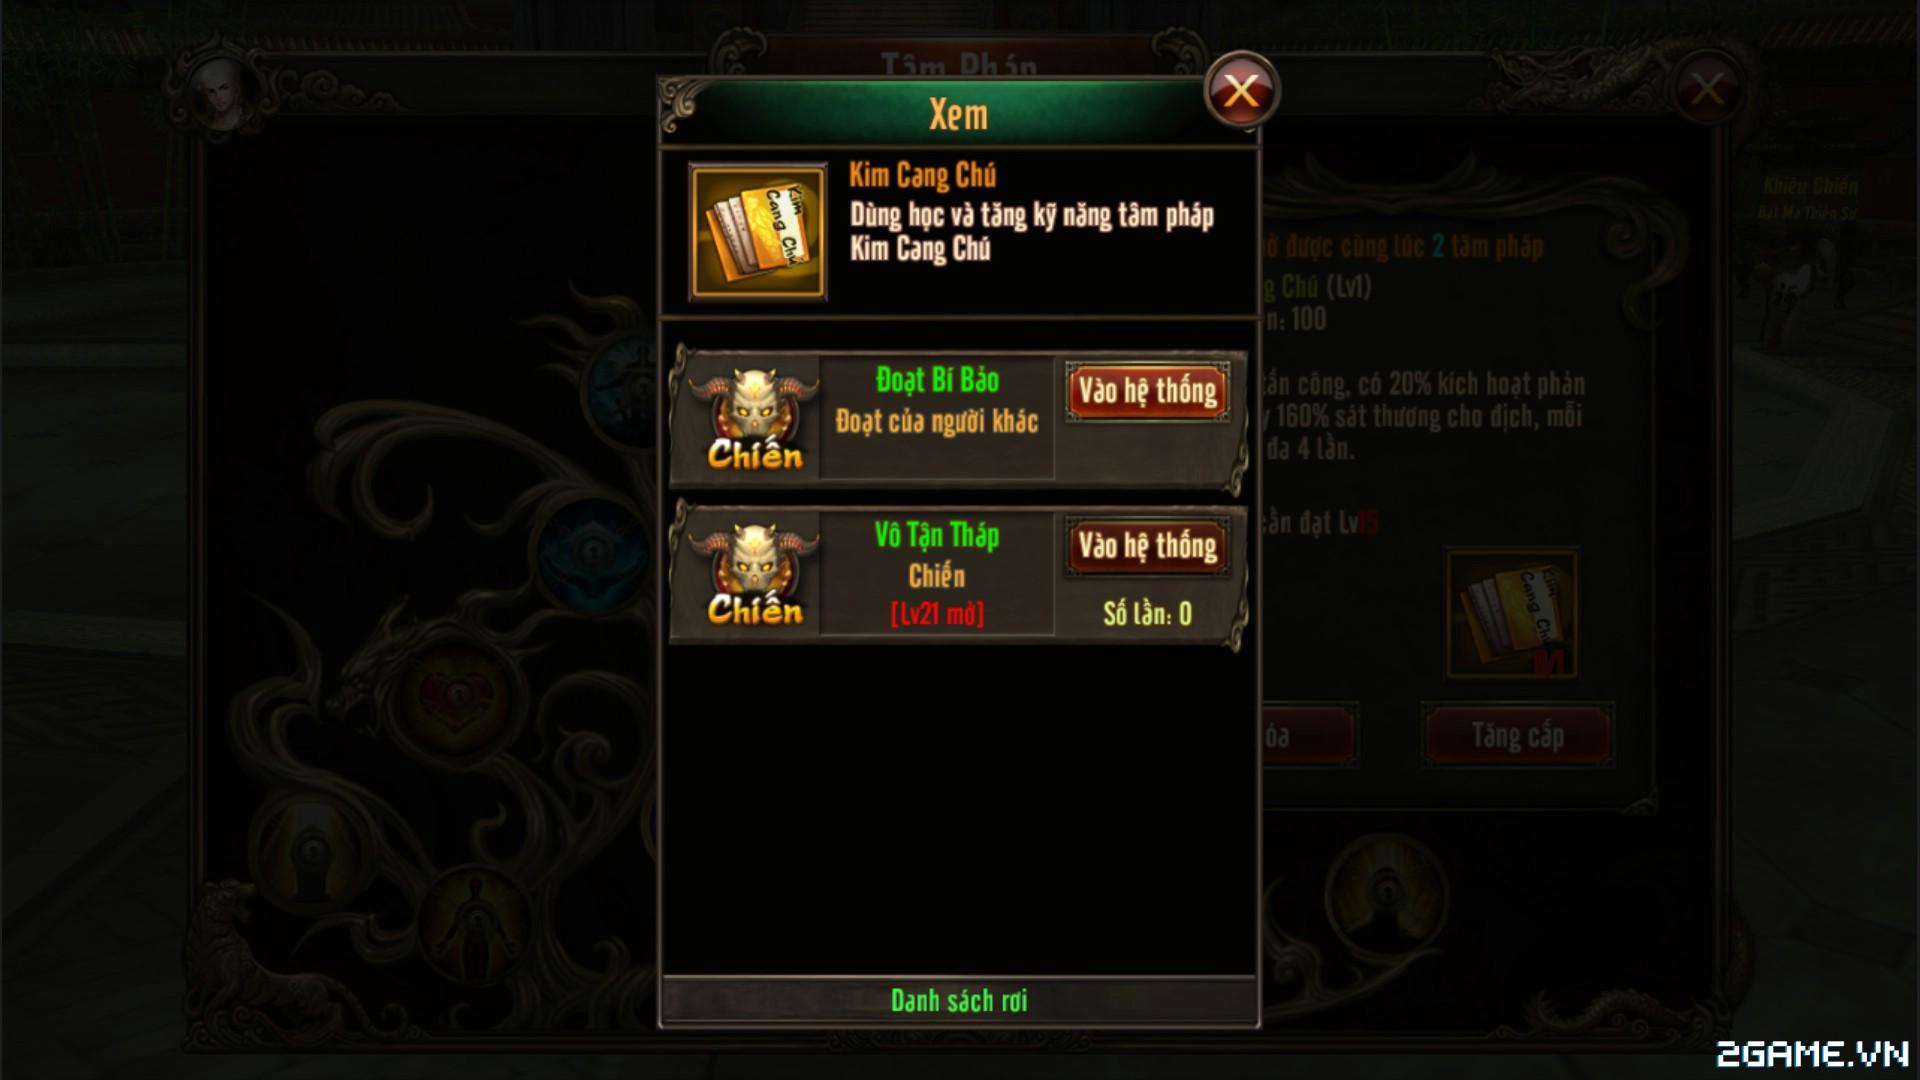 Kungfu Chi Vương - Tìm hiểu Hệ thống Tâm pháp 4